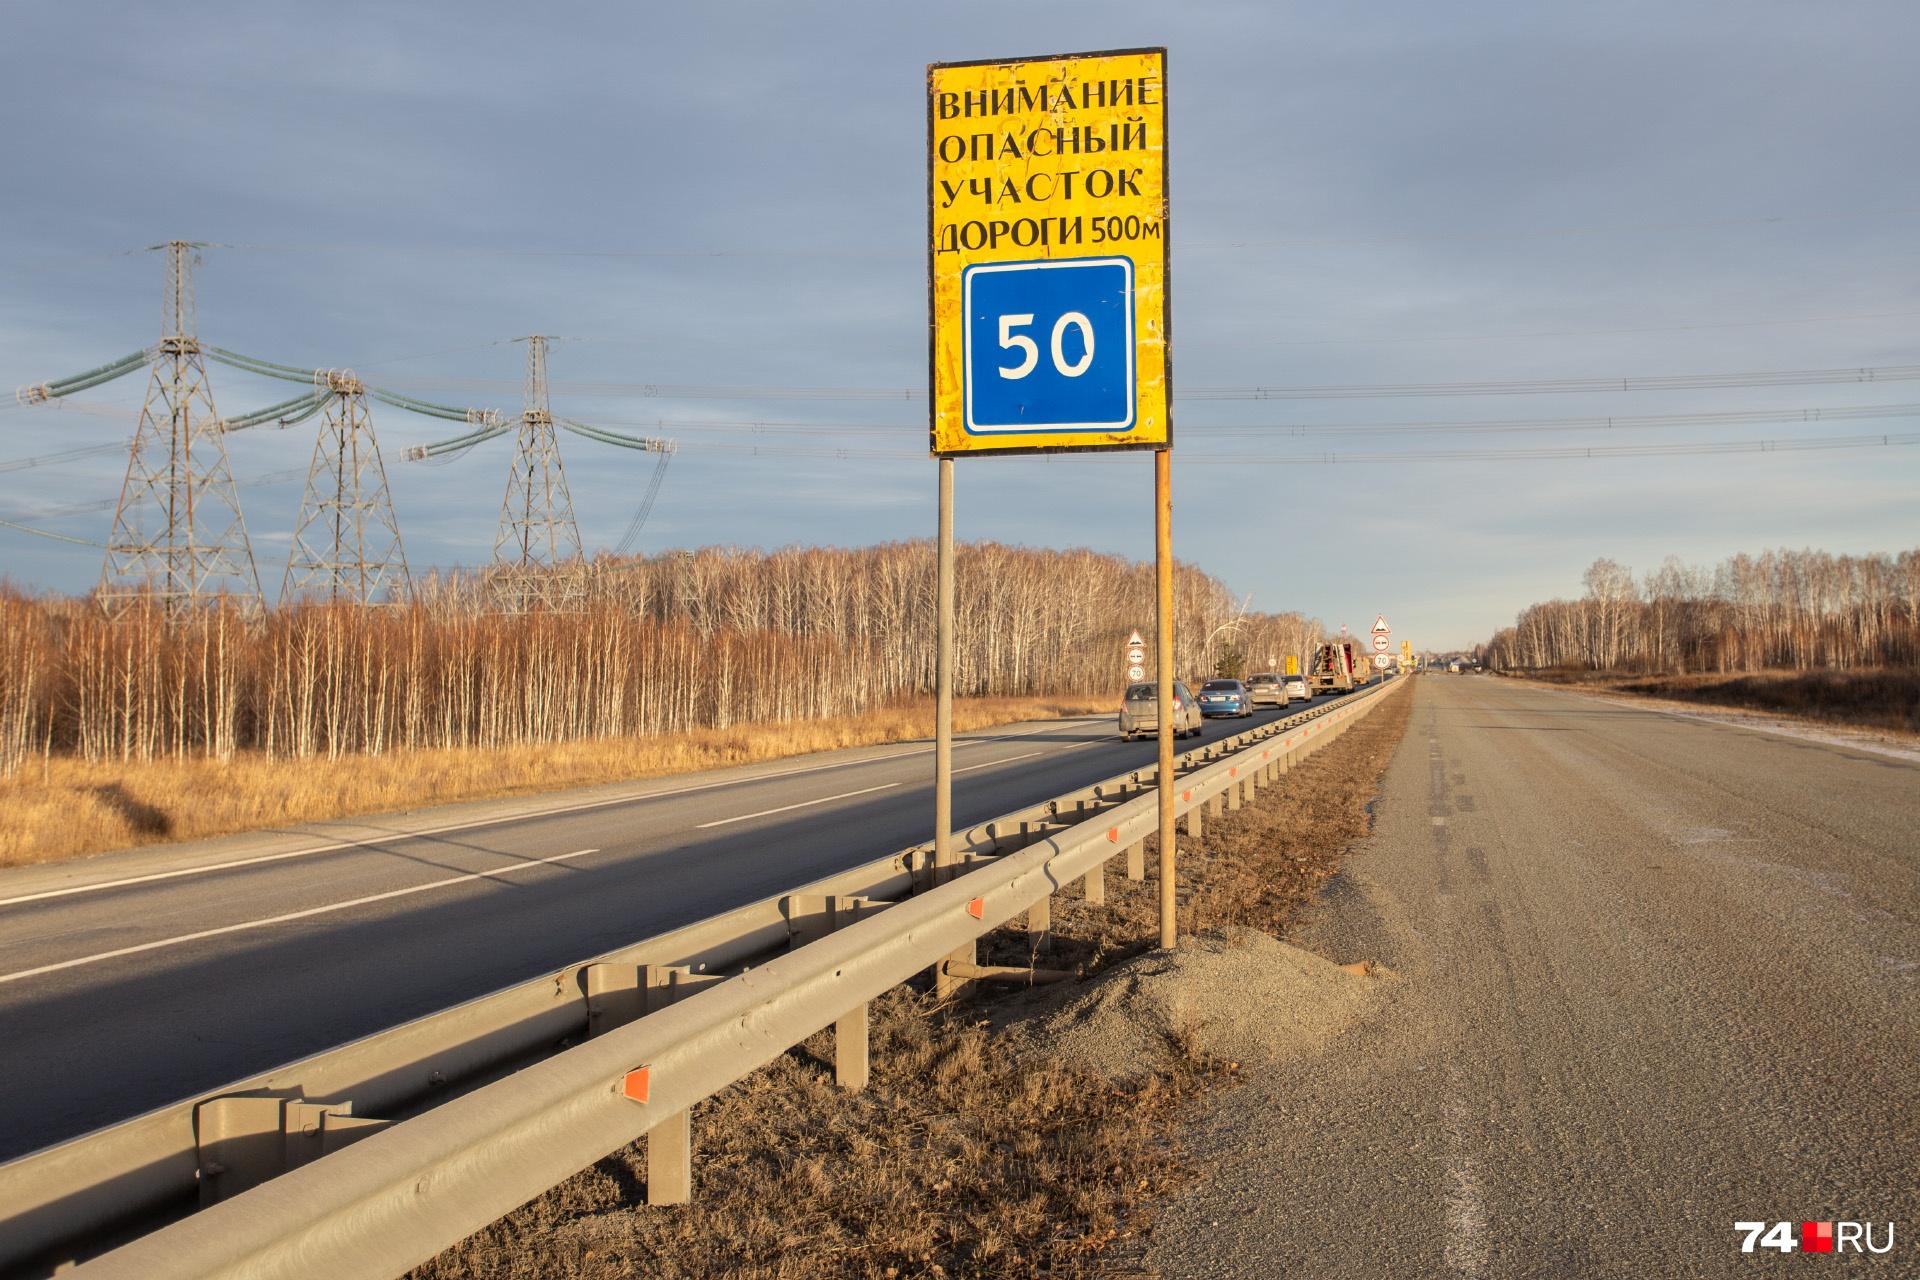 Не первый год автомобилисты недоумевают, почему готовый четырехполосный участок трассы используется как двухполосная дорога